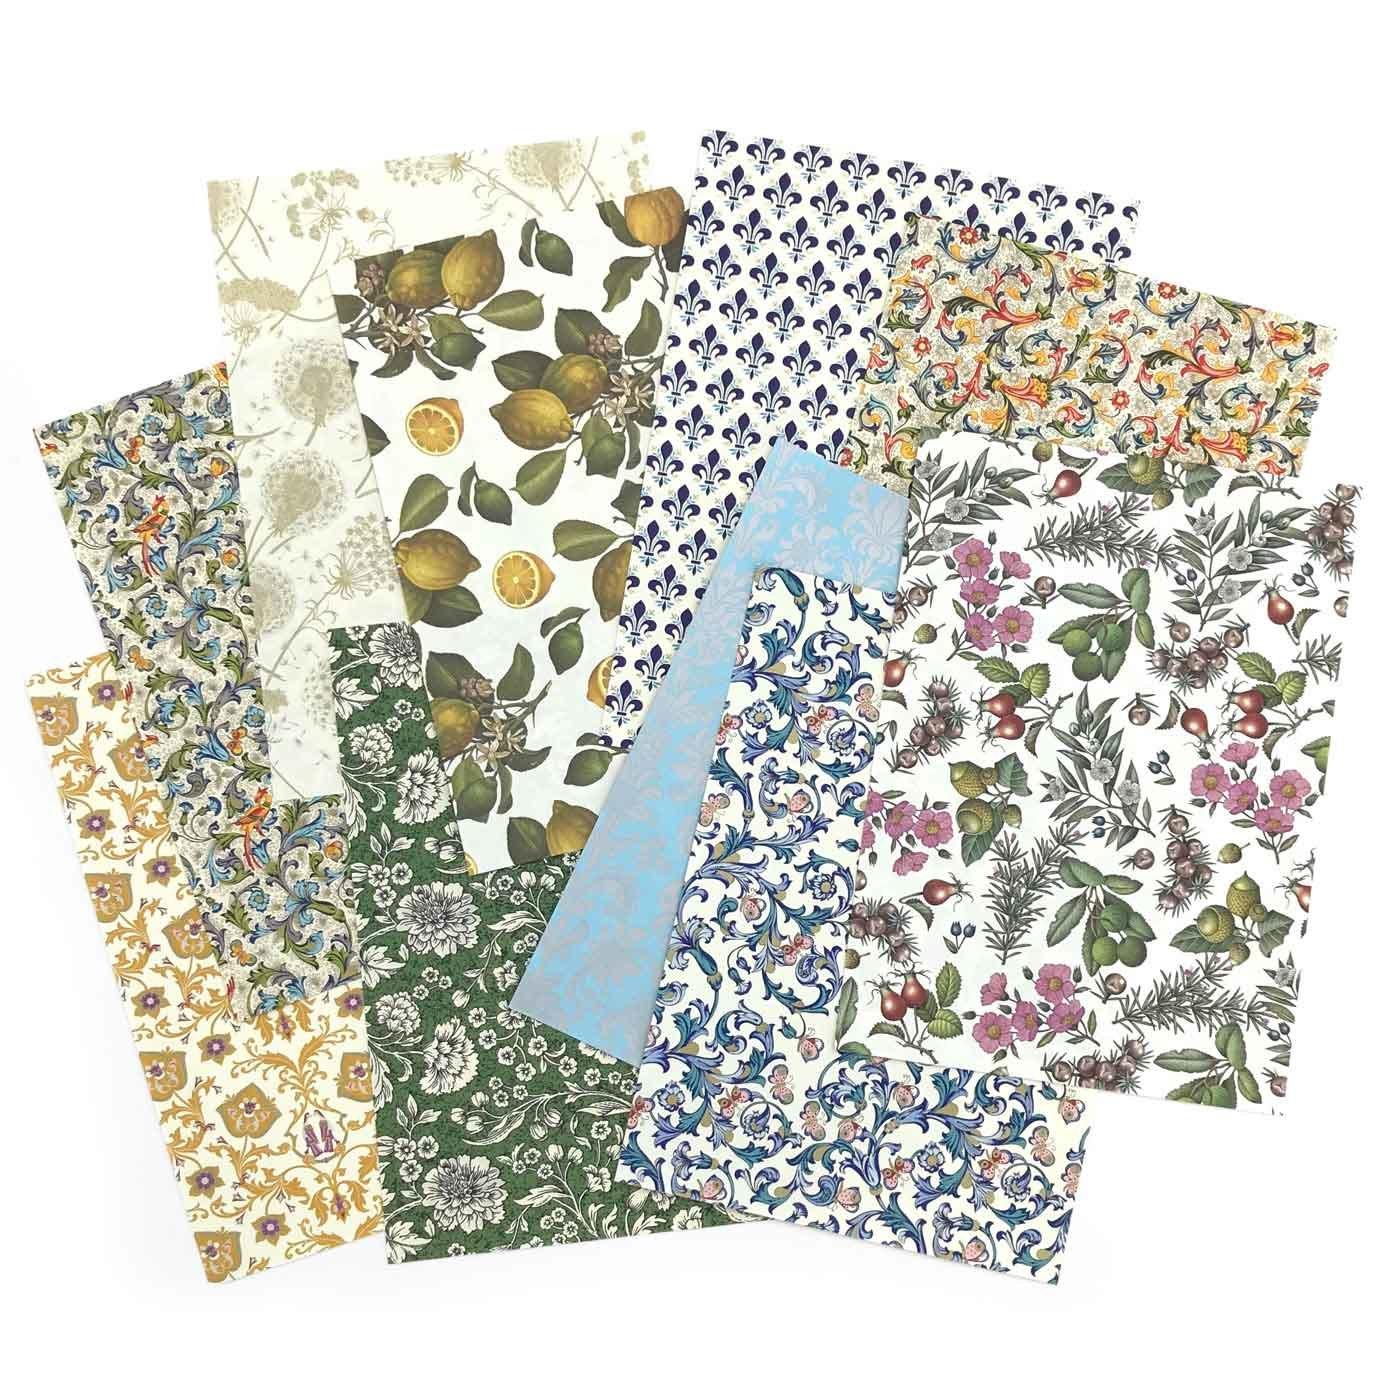 イタリアの老舗 ROSSI 社の美しいA4装飾紙10枚セット